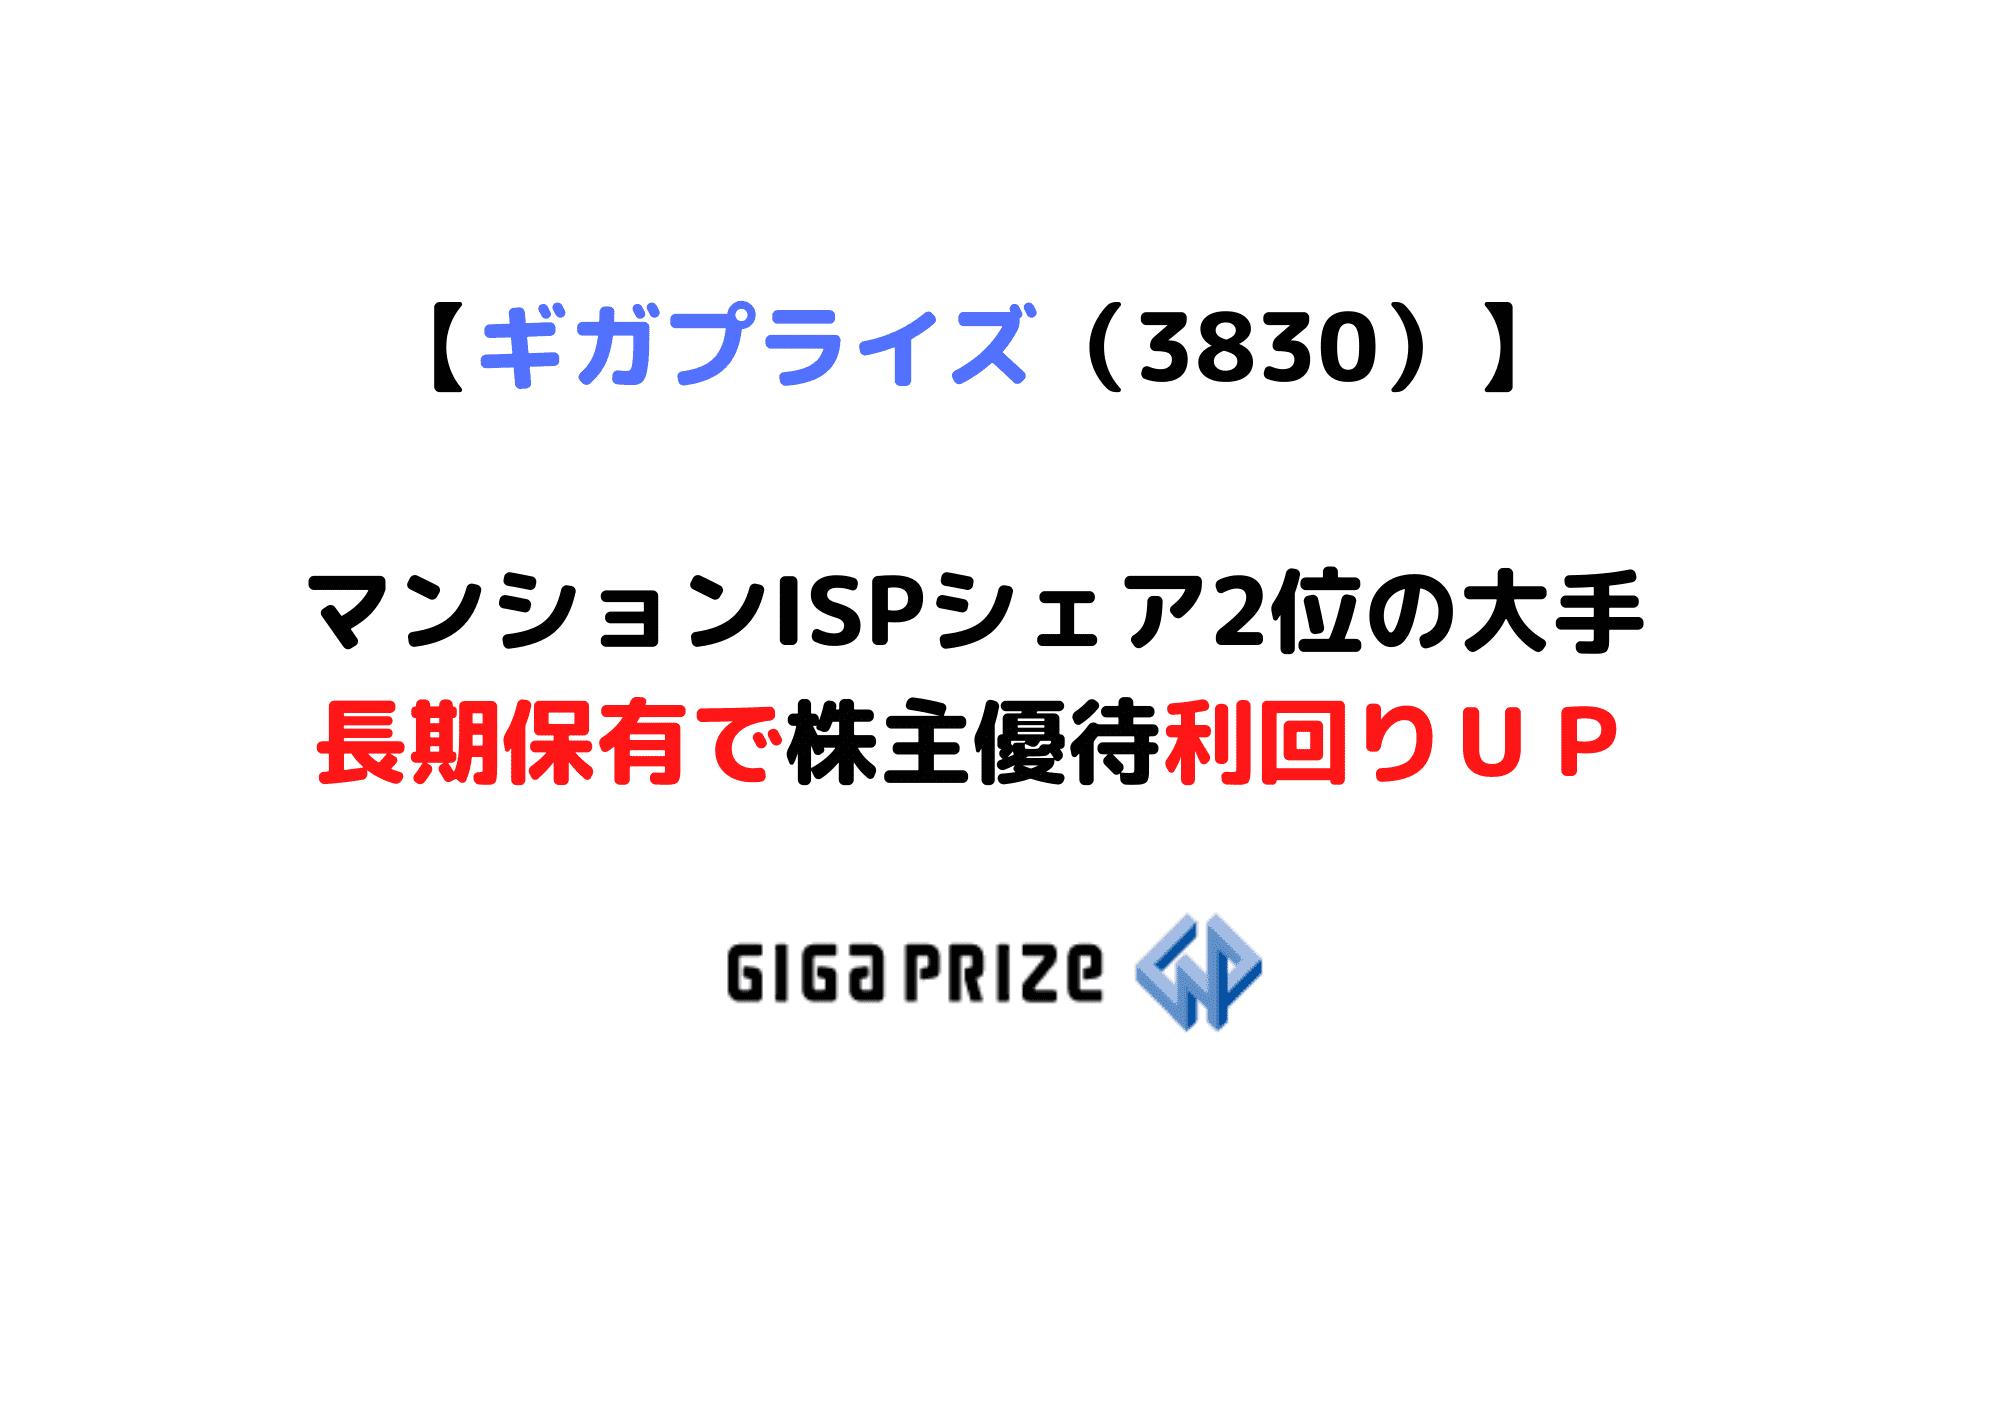 3830 ギガプライズ (1)